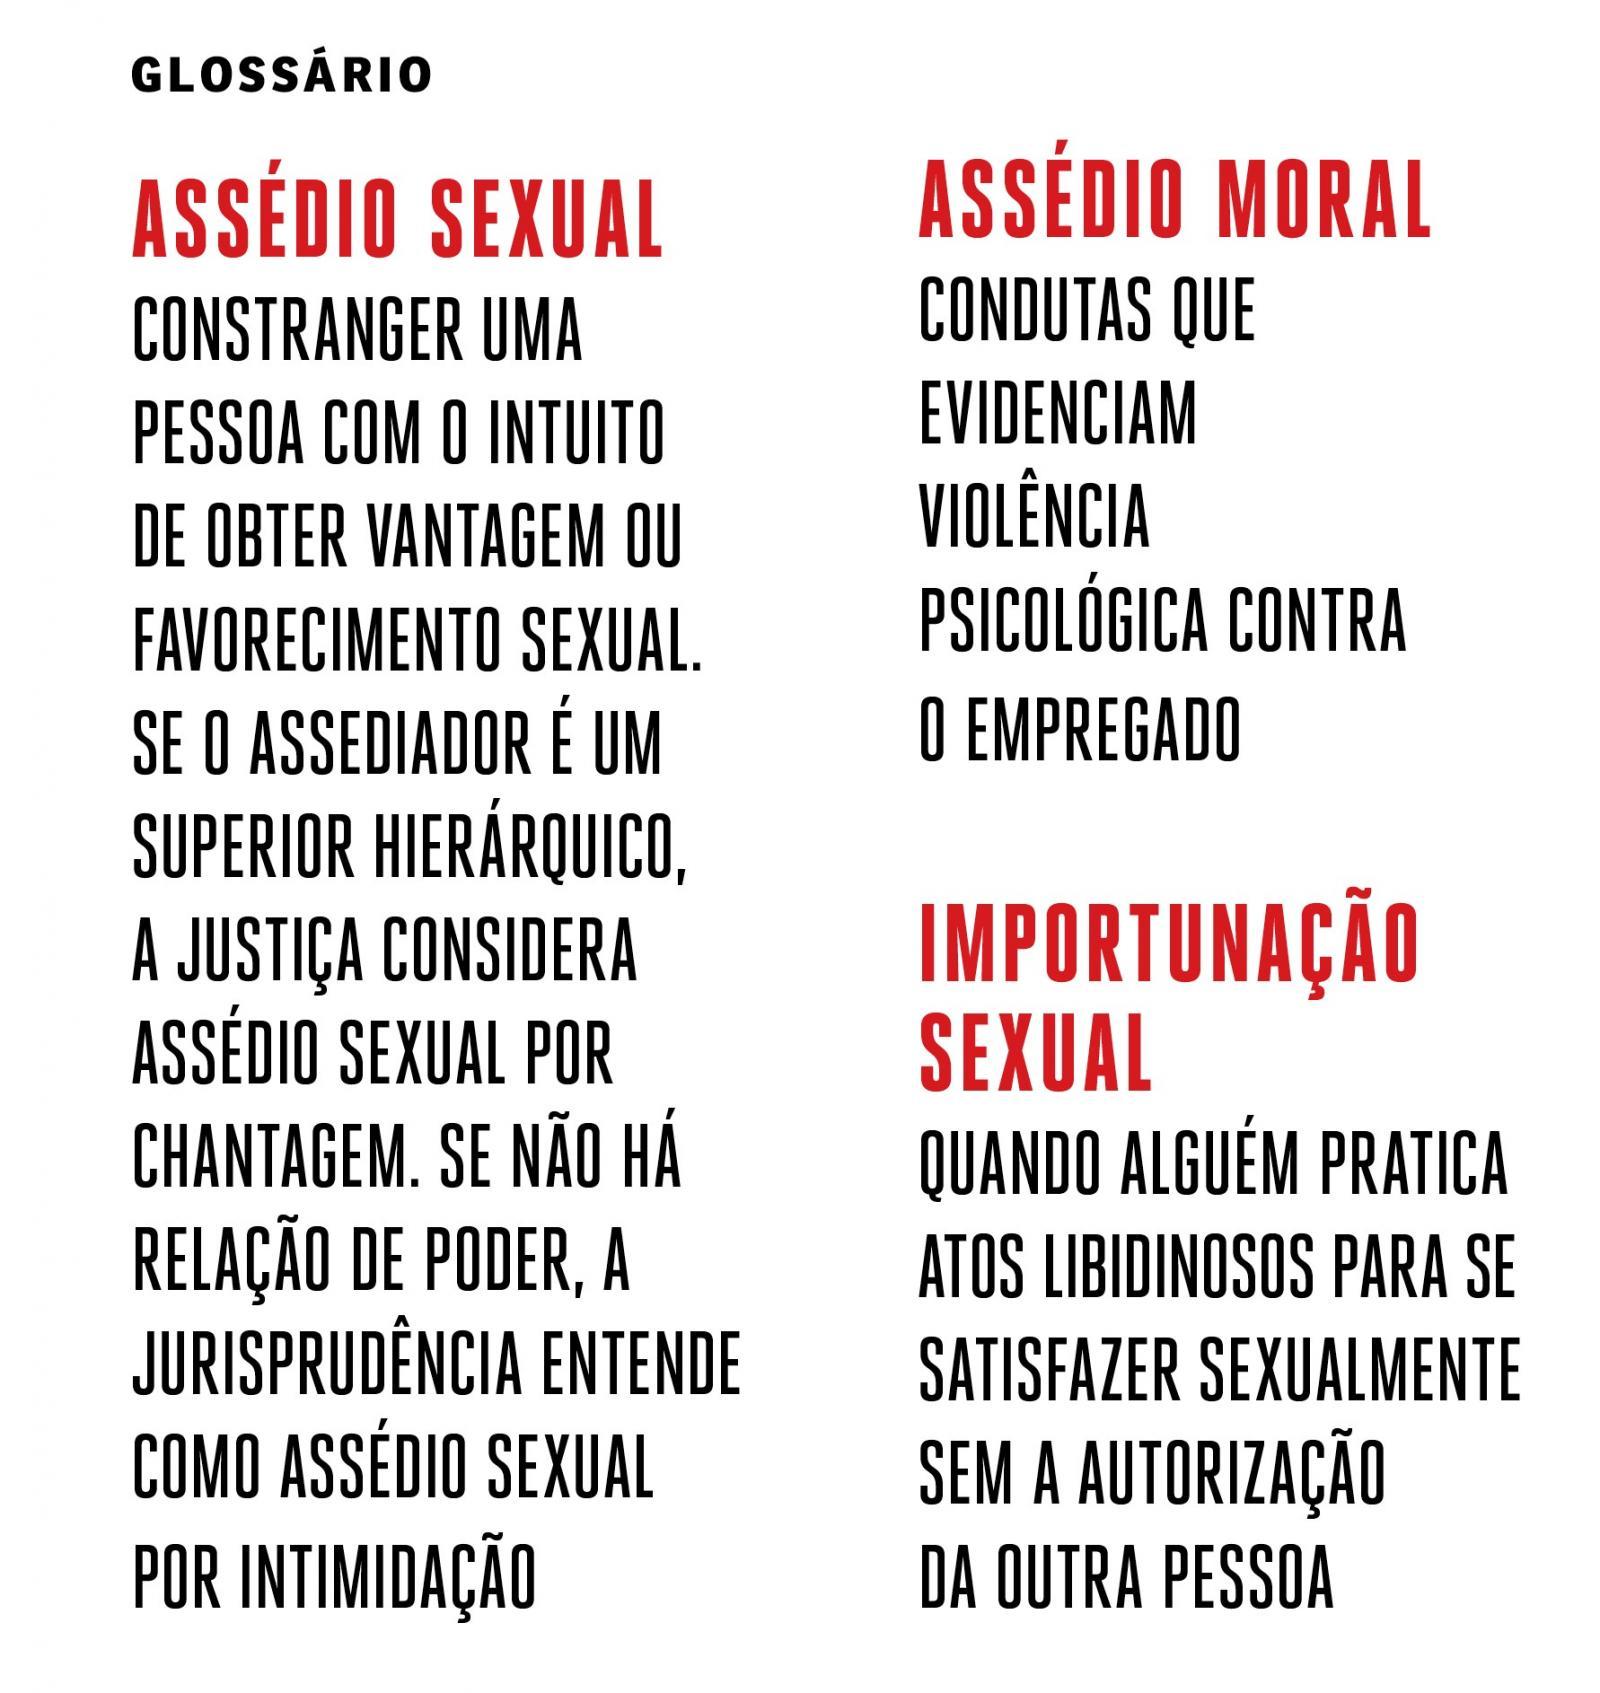 O assédio moral é tolerado por quatro em cada dez profissionais